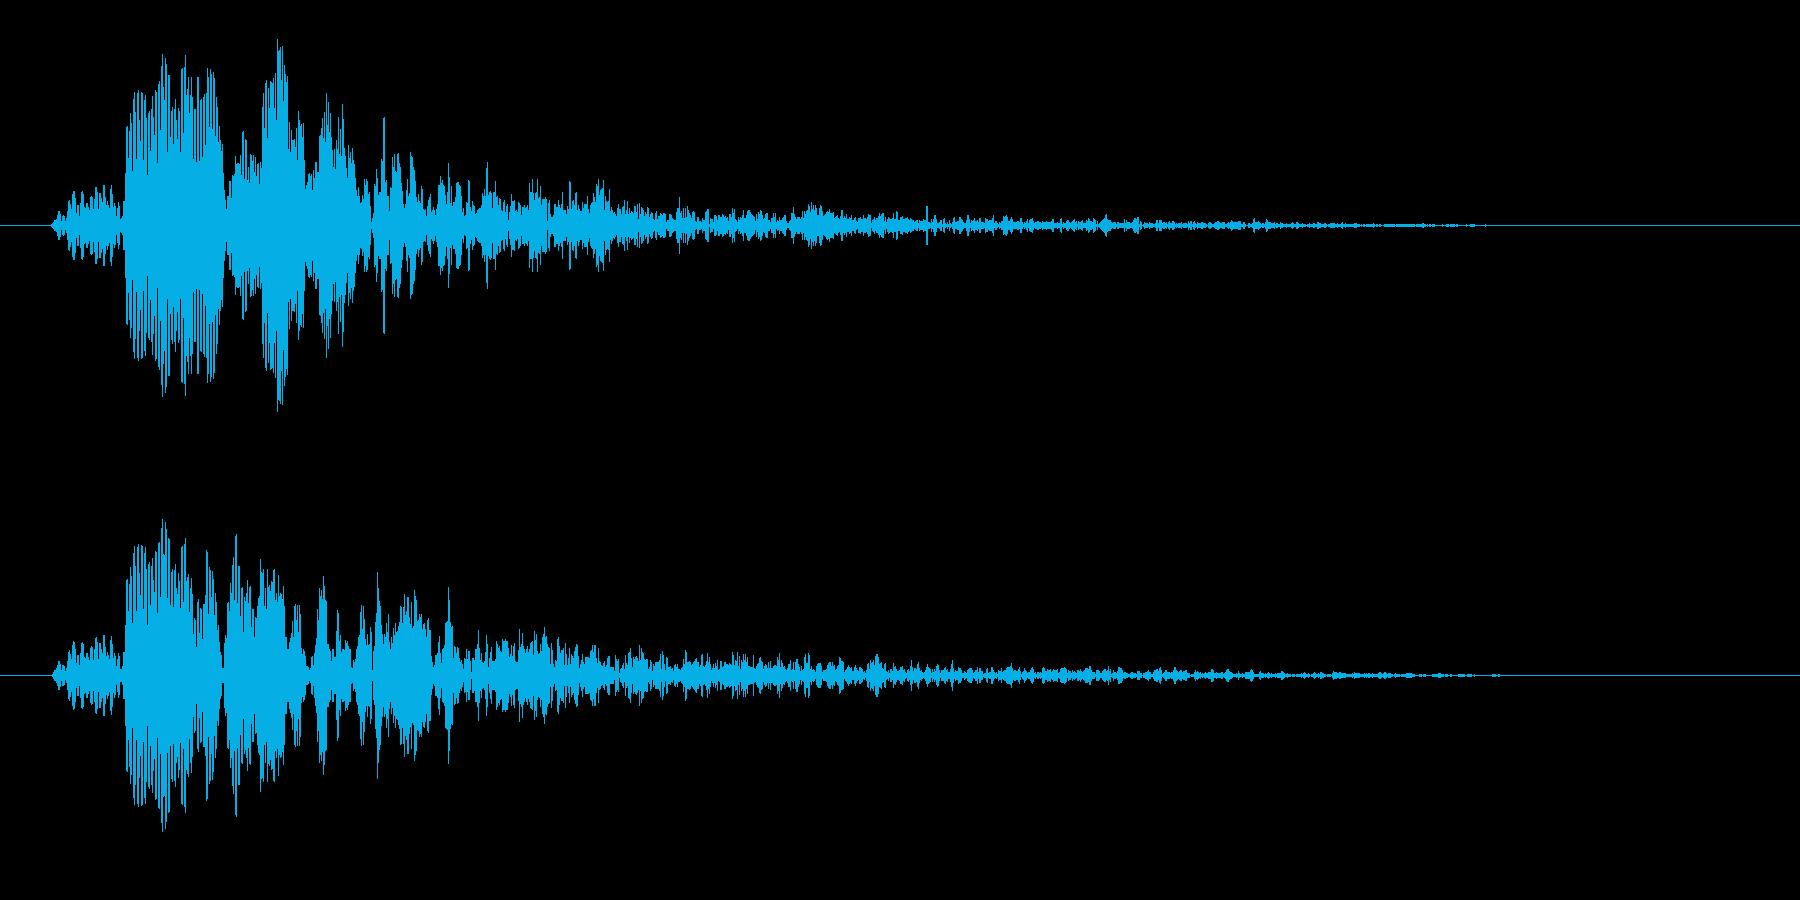 ピョン(ゲームのジャンプ音や決定音向け)の再生済みの波形